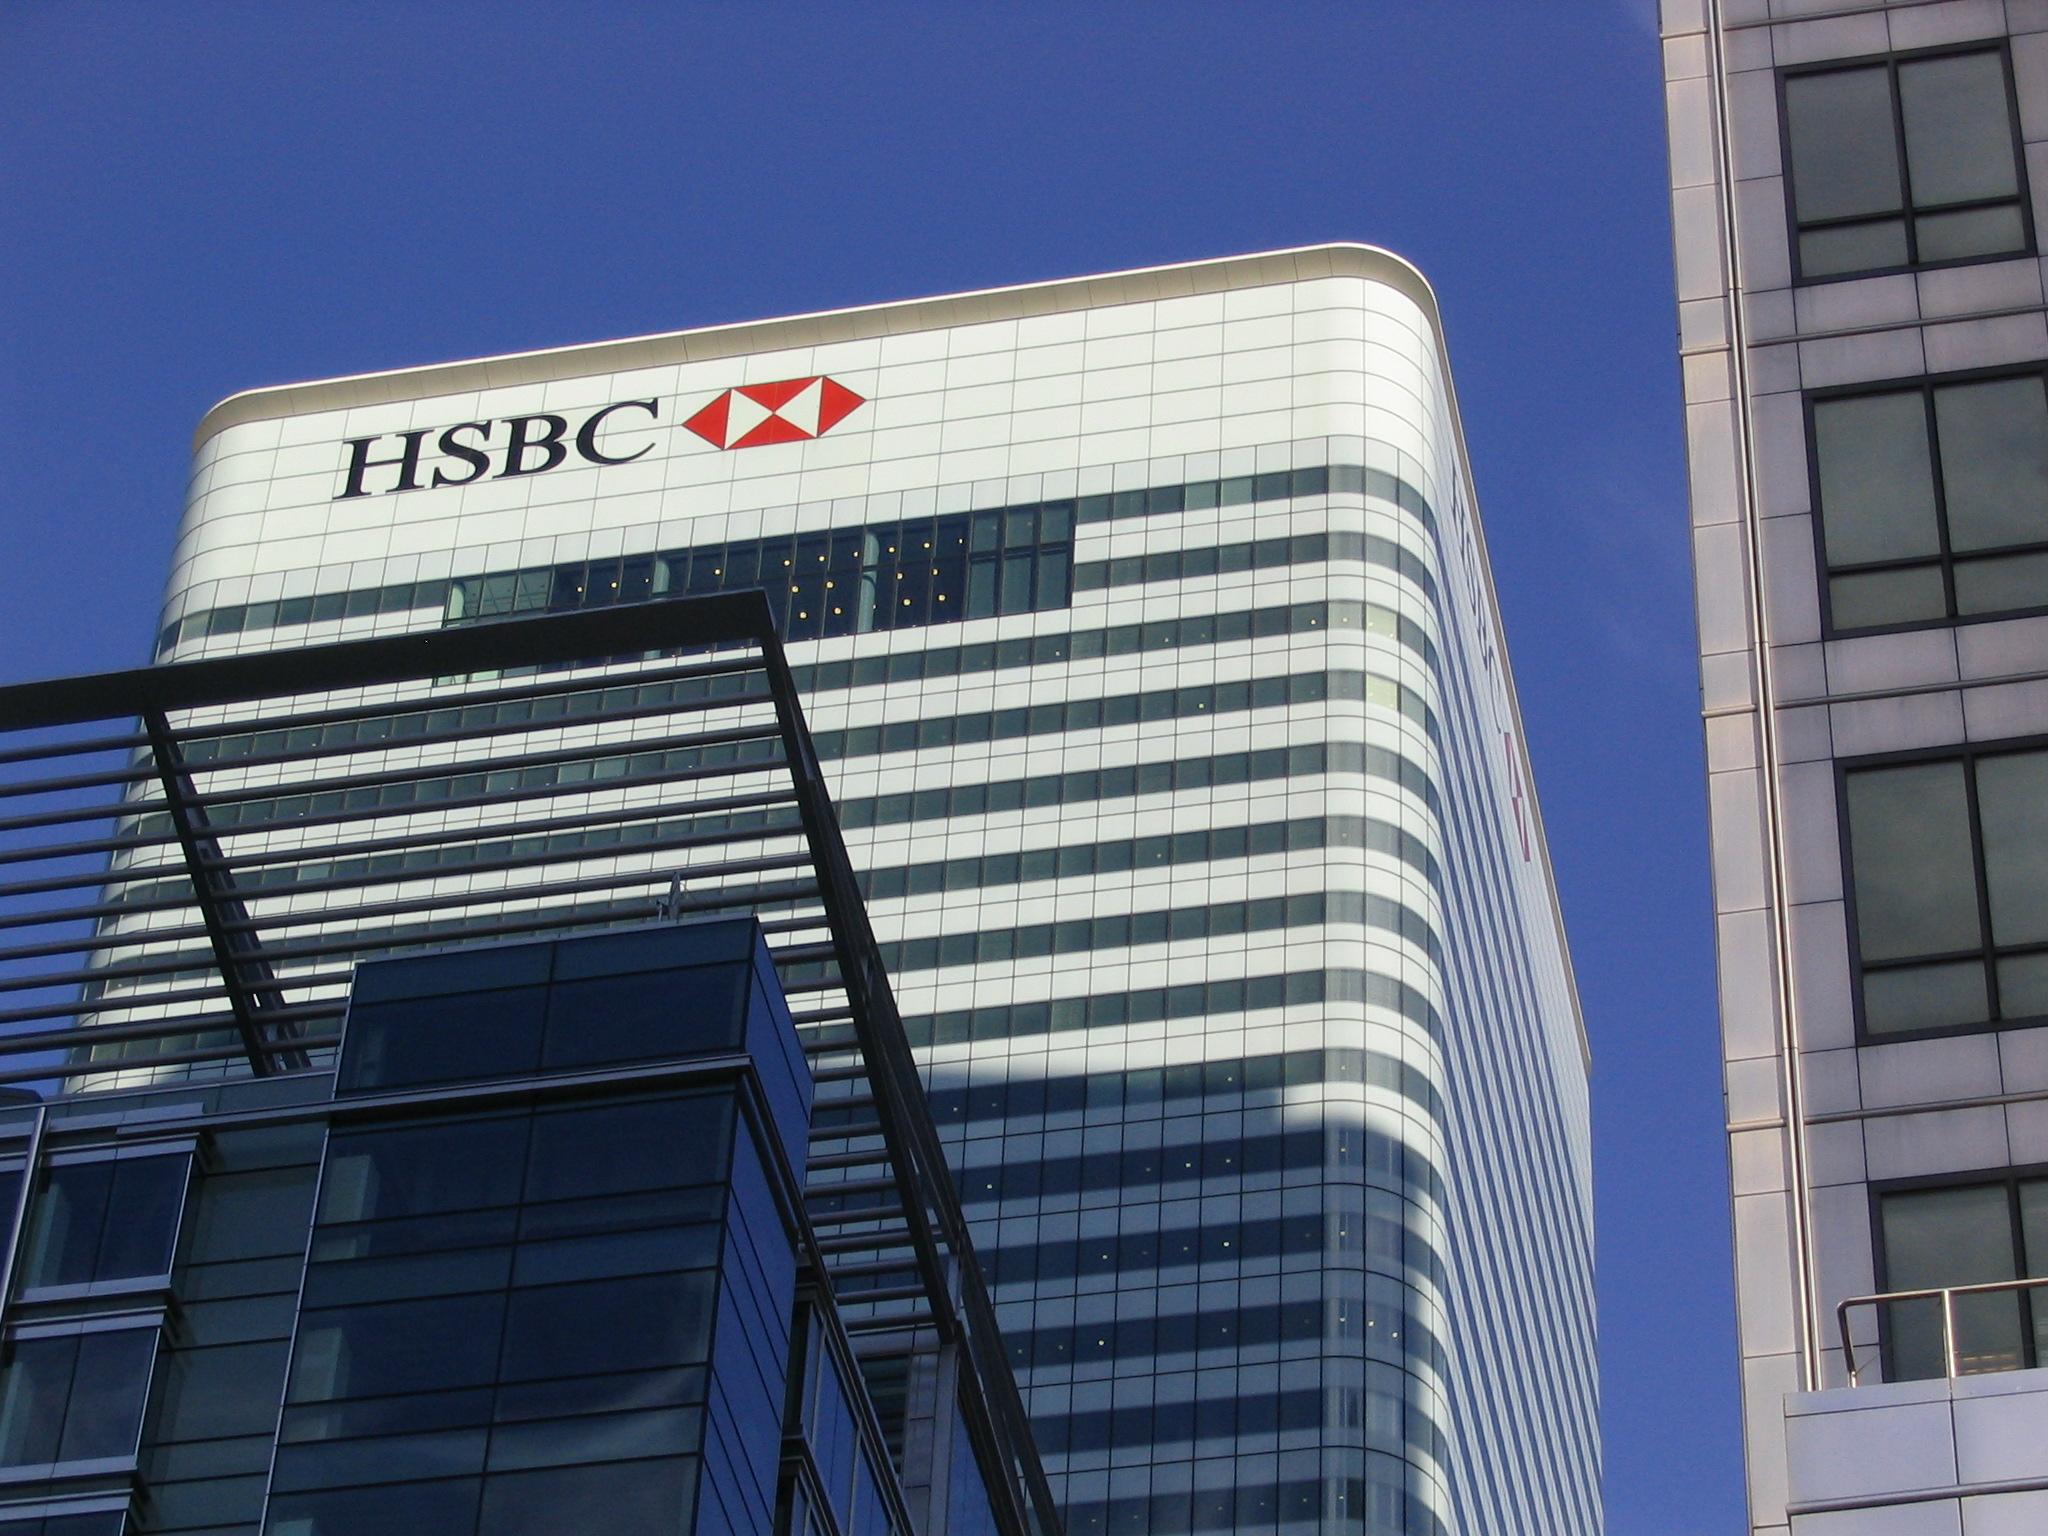 hsbc es uno de los seis bancos europeos que serán sancionados por manipular el euribor